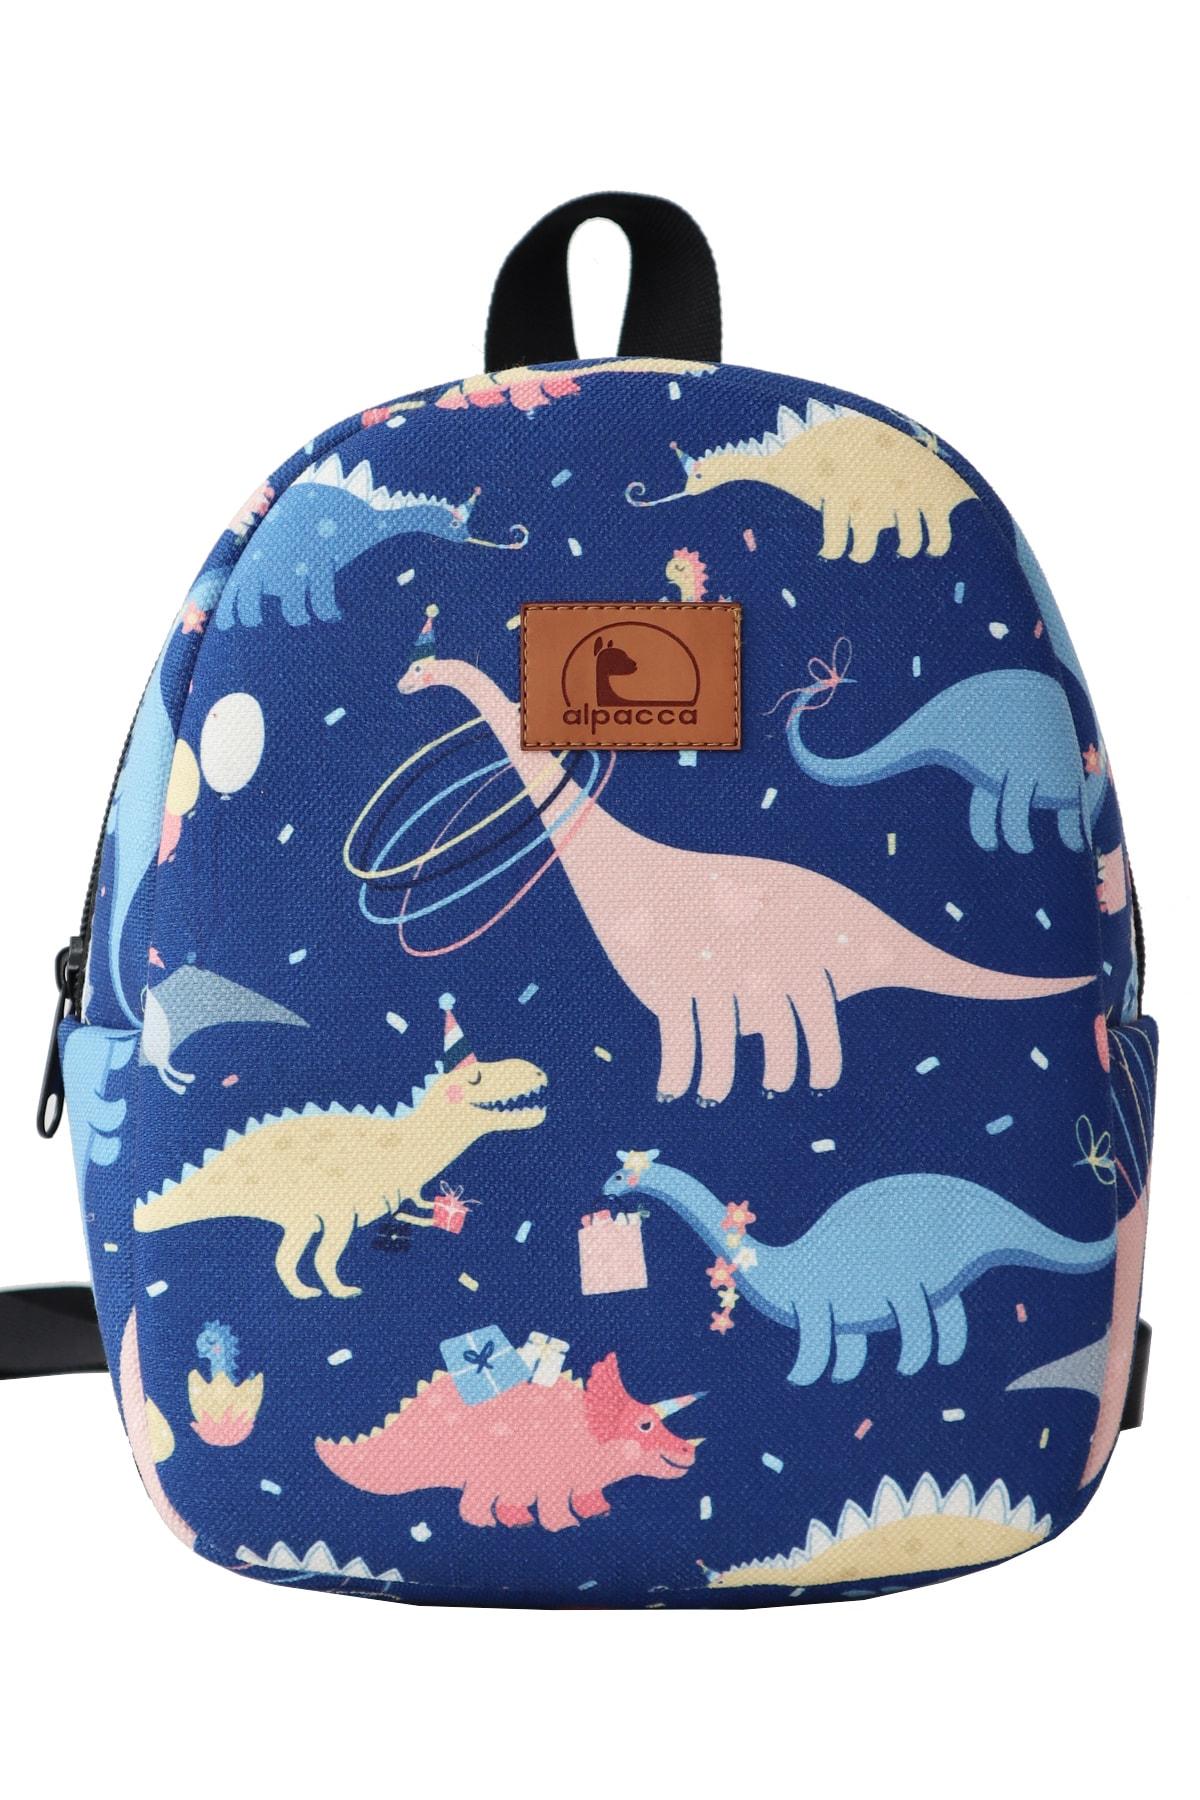 Alpacca Çocuk Dinozor Partisi Ayakkabı Çanta Kombin 2